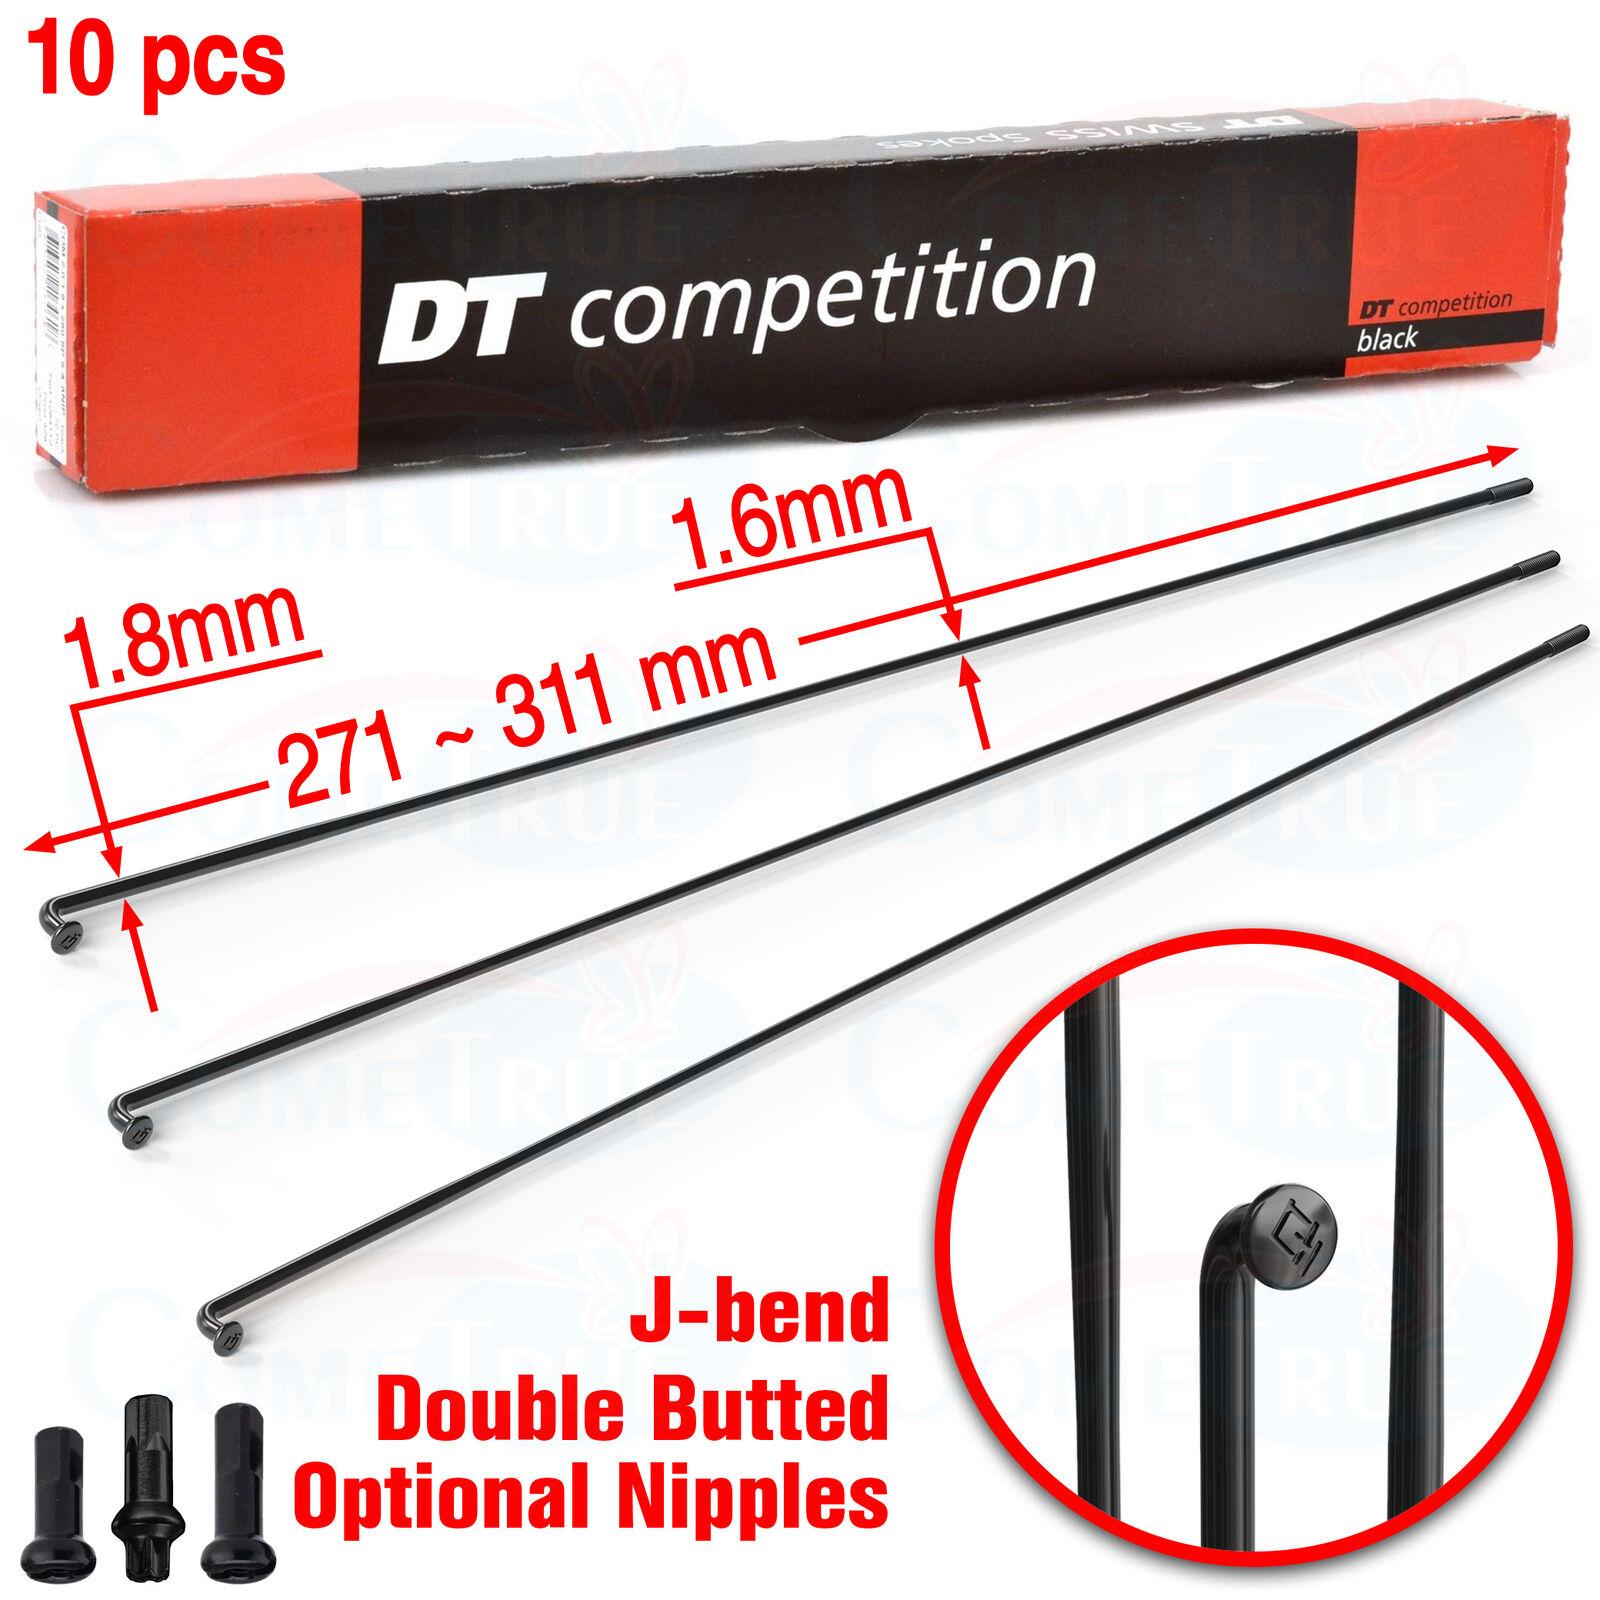 2.0mm Bladed 292mm J-bend Black Each DT Swiss Aero Comp Spoke